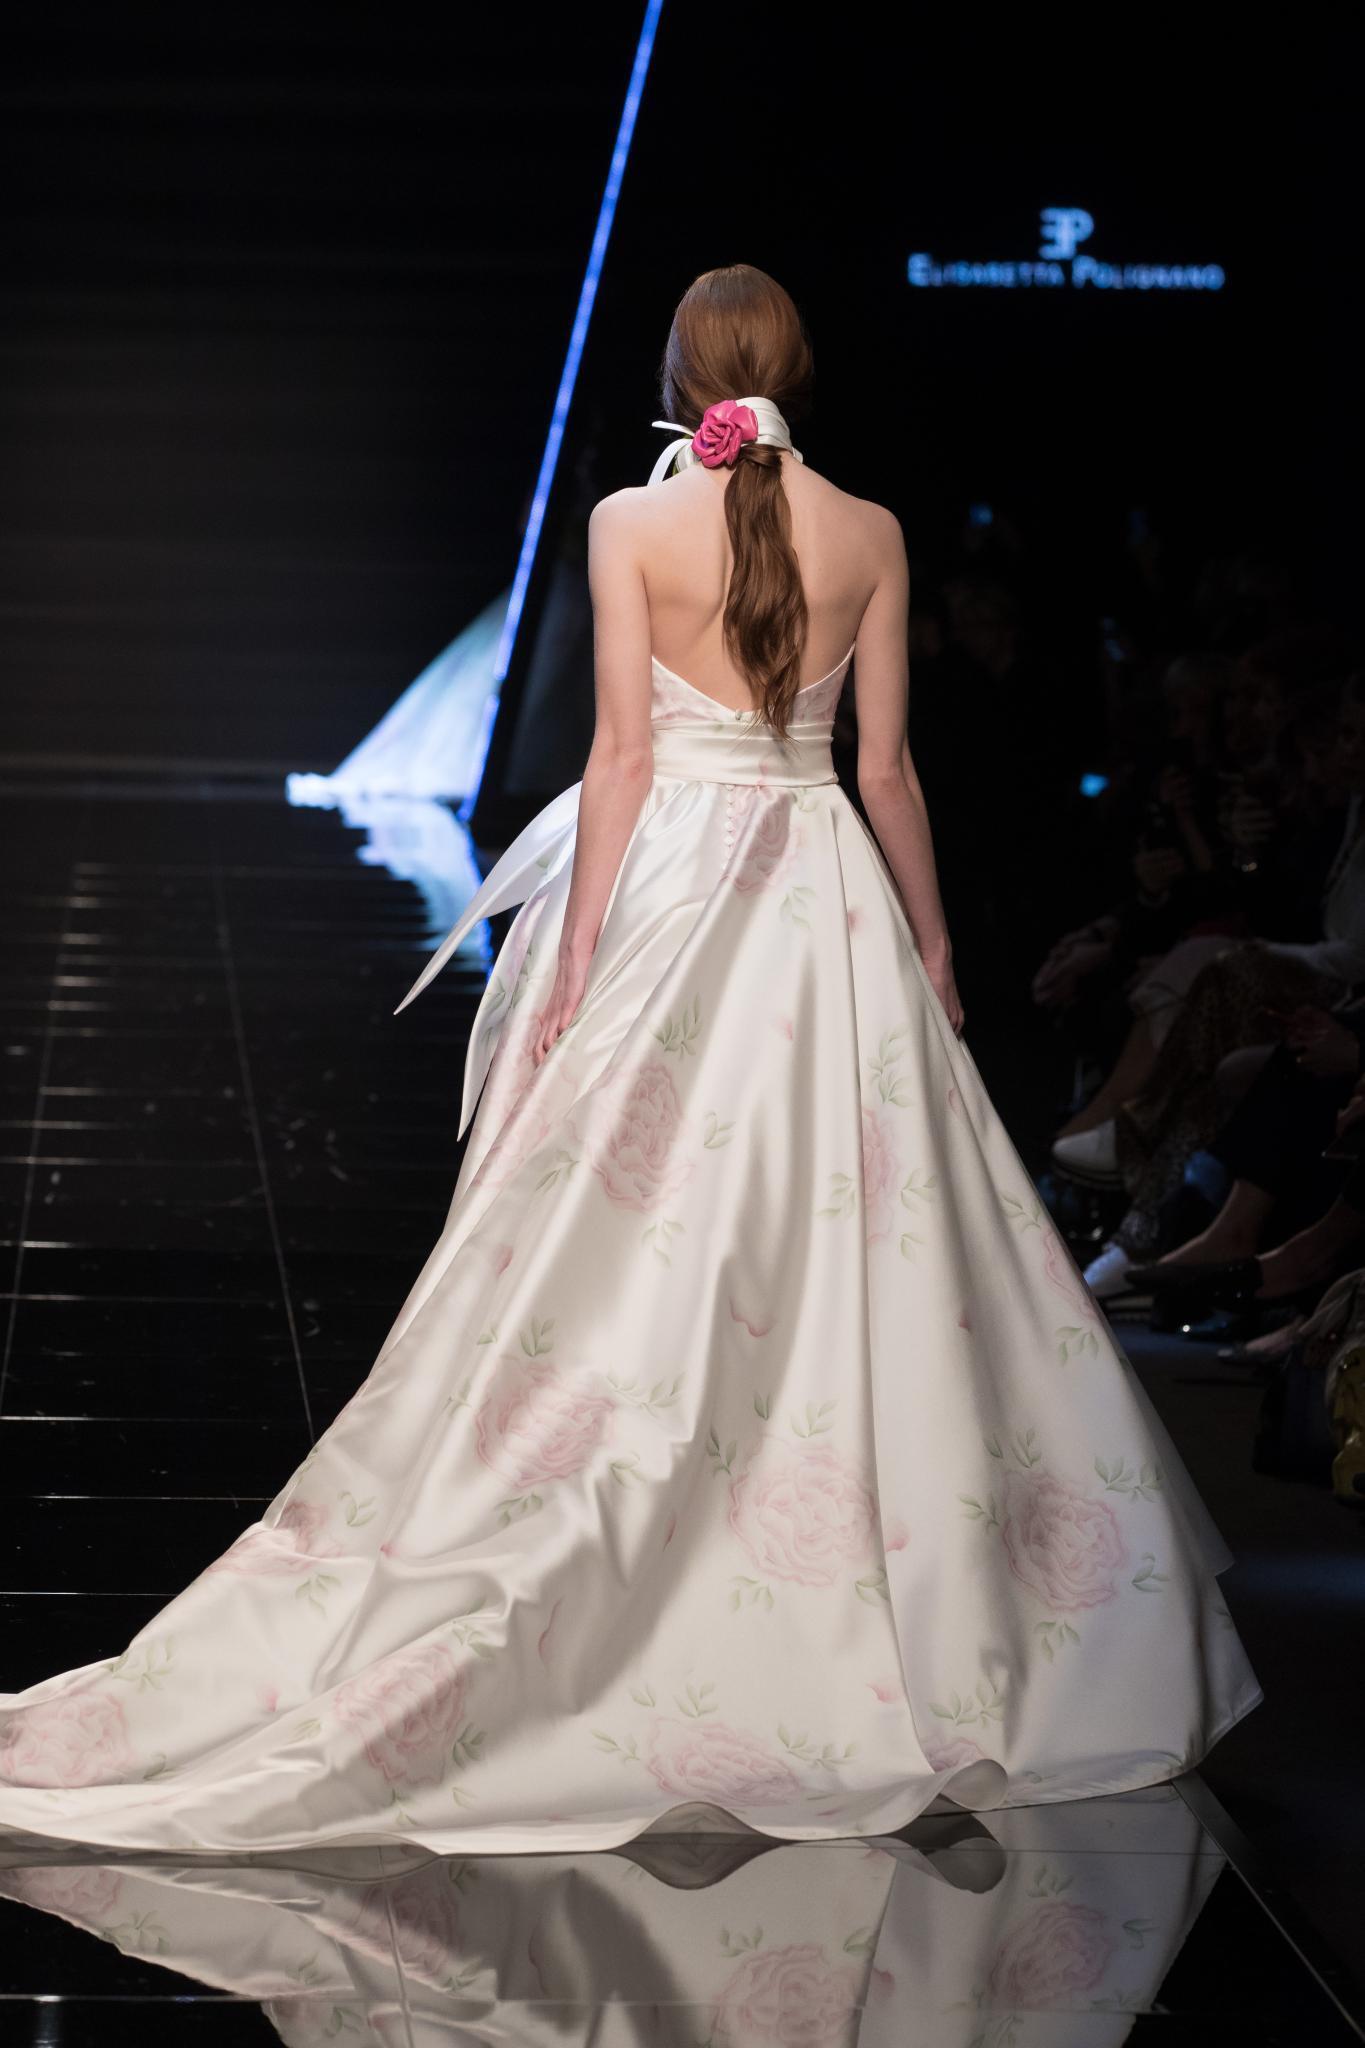 Vista de atrás de mujer castaña peinada con una coleta sostenida por un aplique blanco y rosa